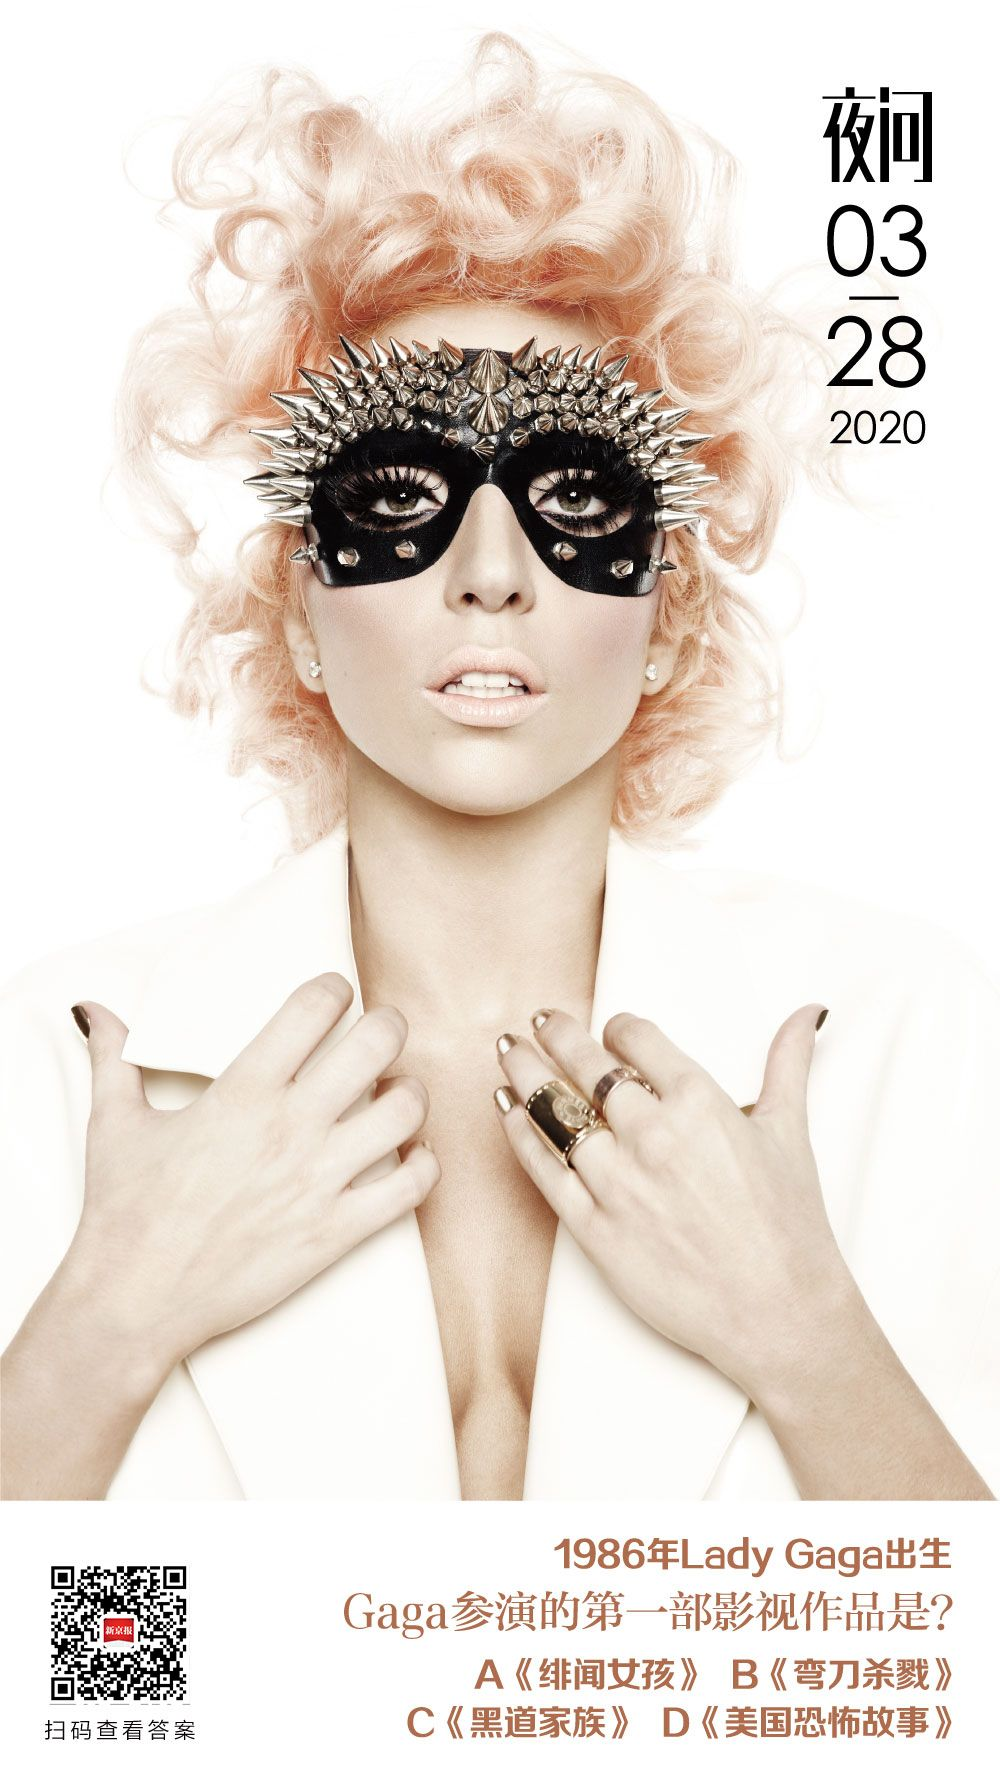 Gaga不会永远是小角色,不论歌坛还是影坛 | 夜问图片